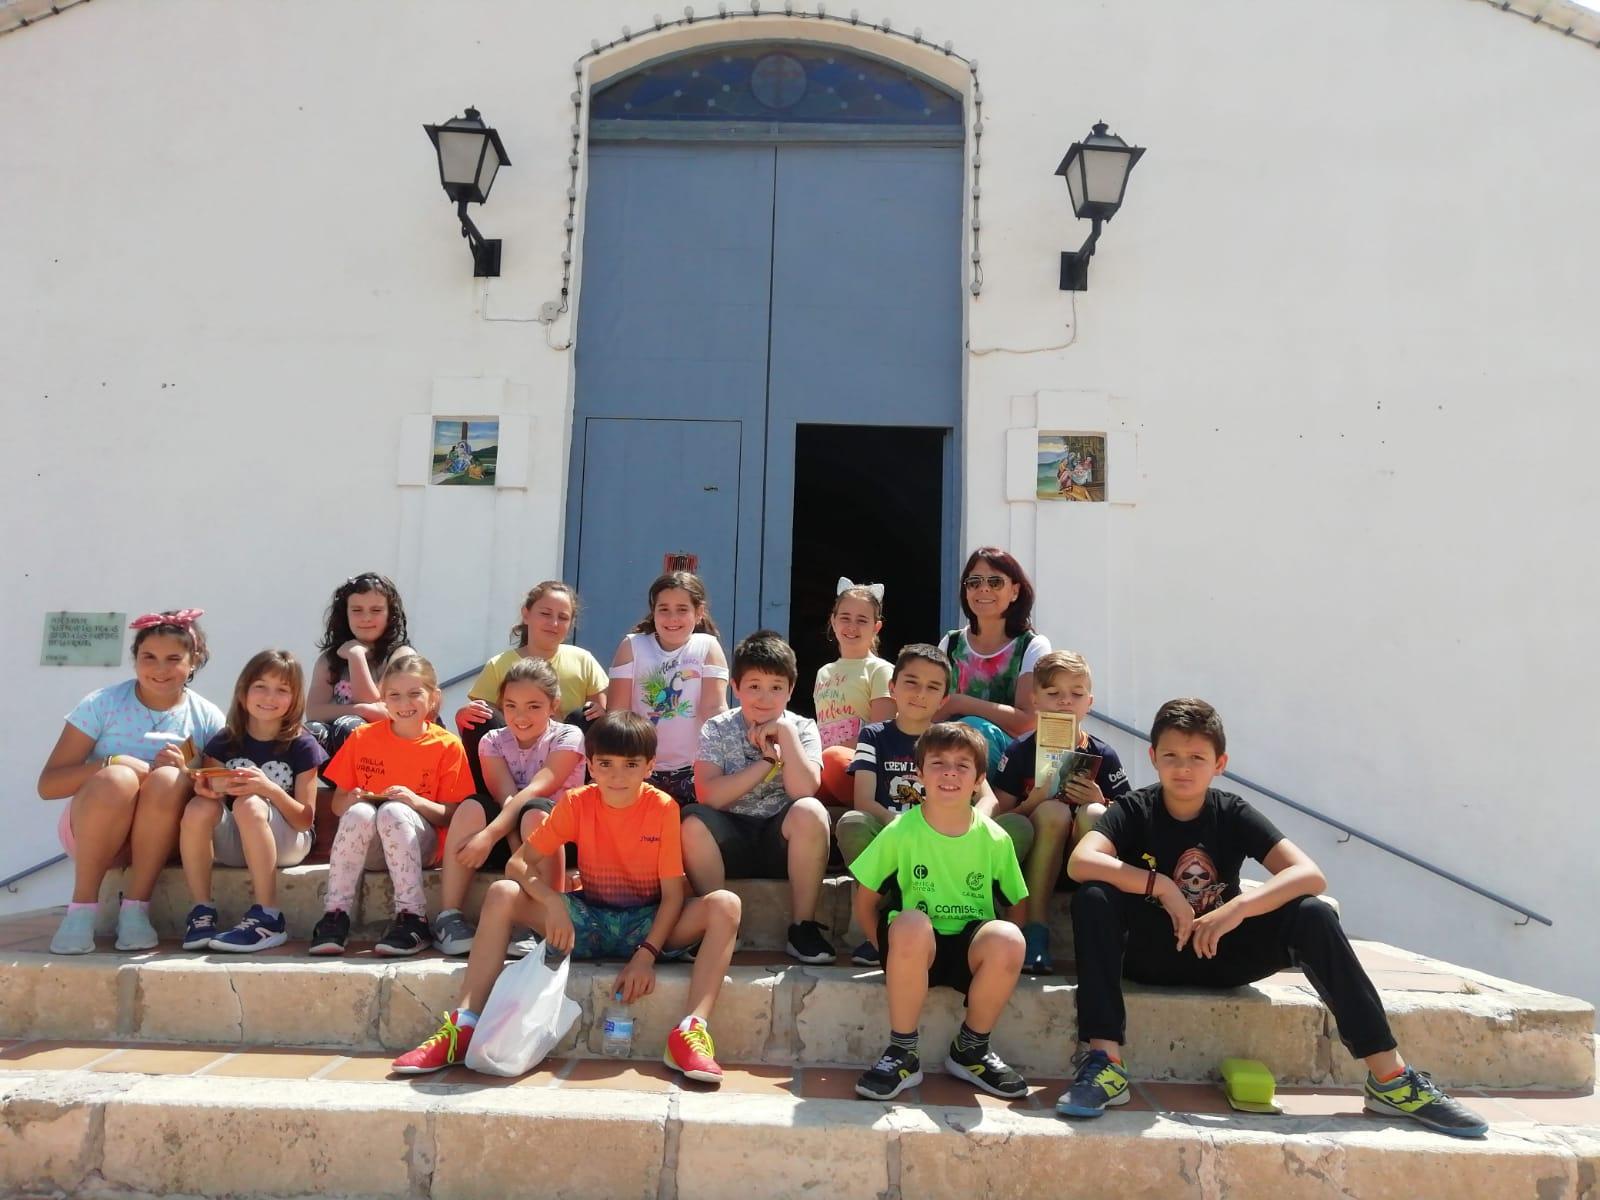 (2019-05-29) Visita alumnos Laura - 3 B primaria - Reina Sofia - Isabel B (01)